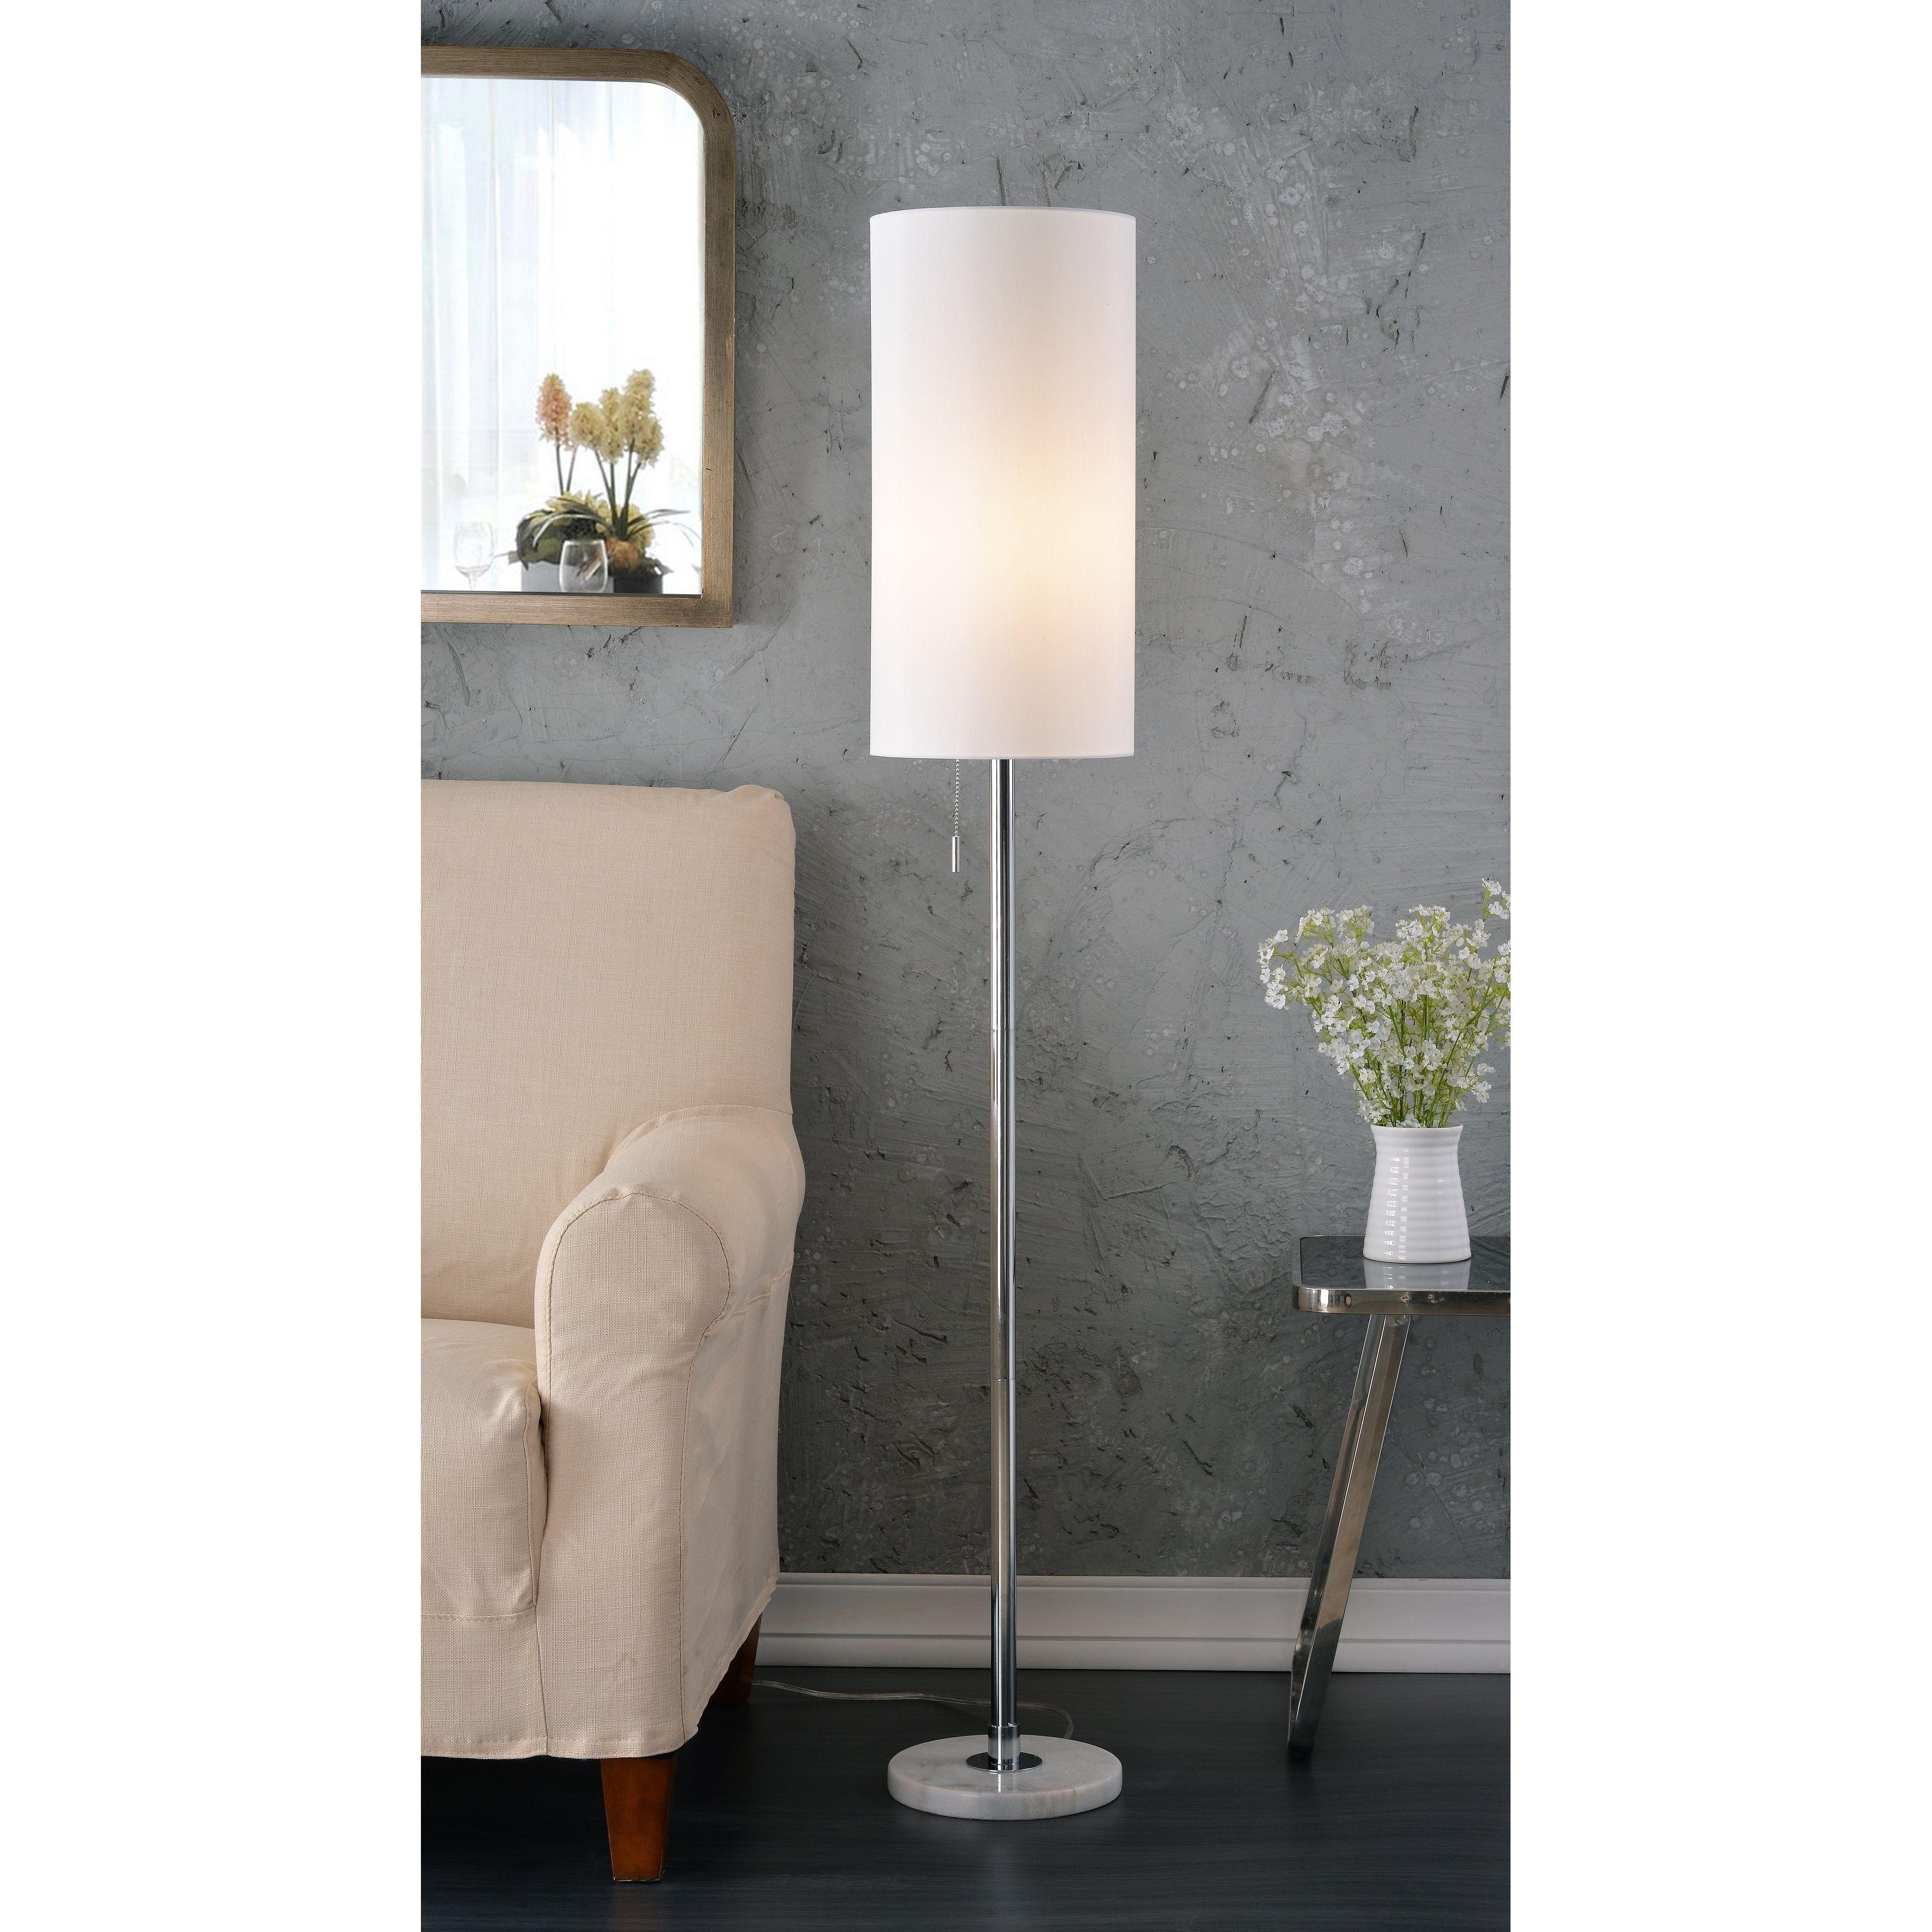 Aria 59 5 Chrome Floor Lamp Contemporary Floor Lamps Floor Lamp Cool Floor Lamps